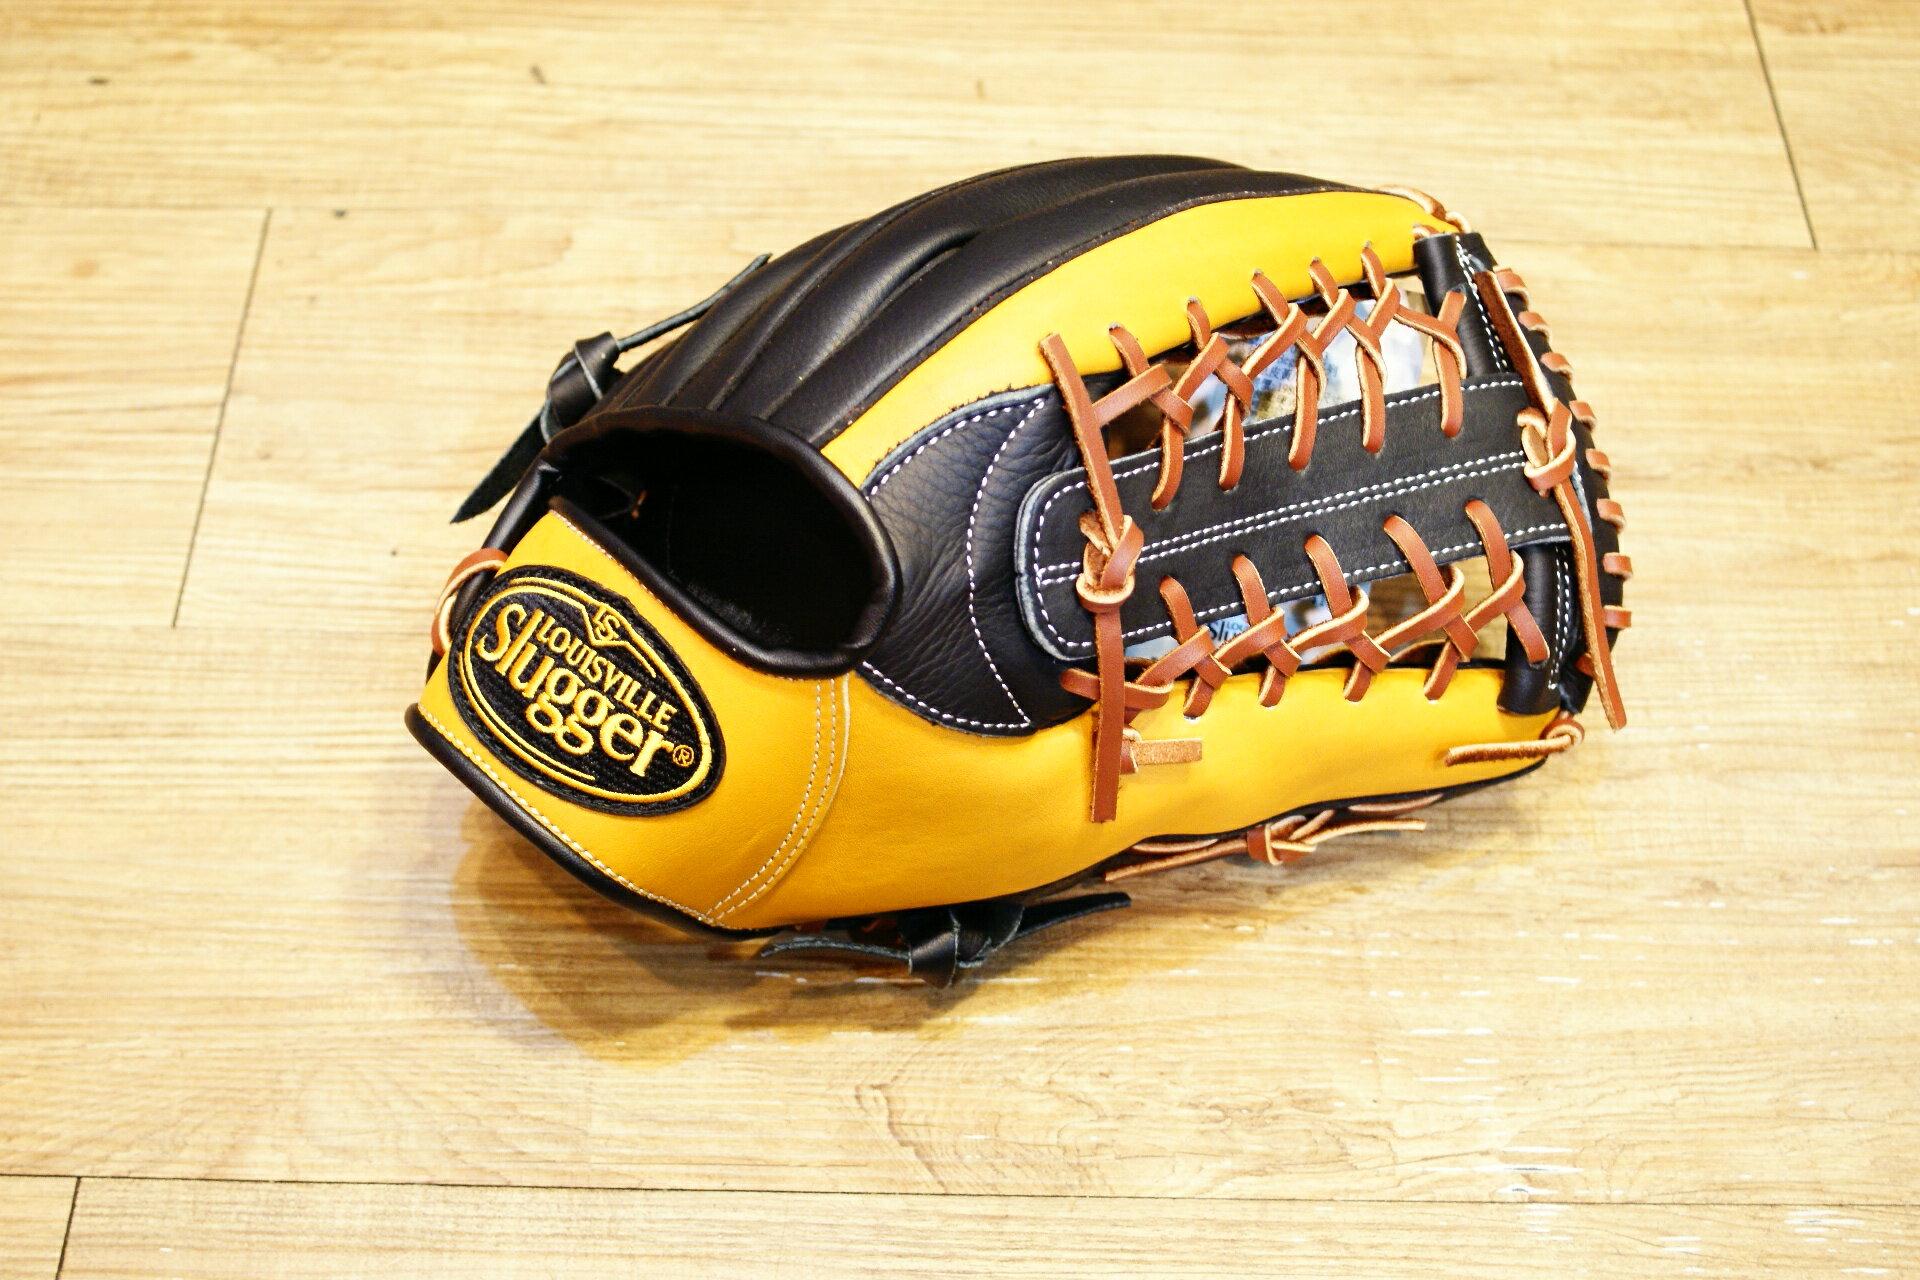 棒球世界 全新Louisvill Slugger 路易斯威爾TPX黑黃配色外野手手套 特價